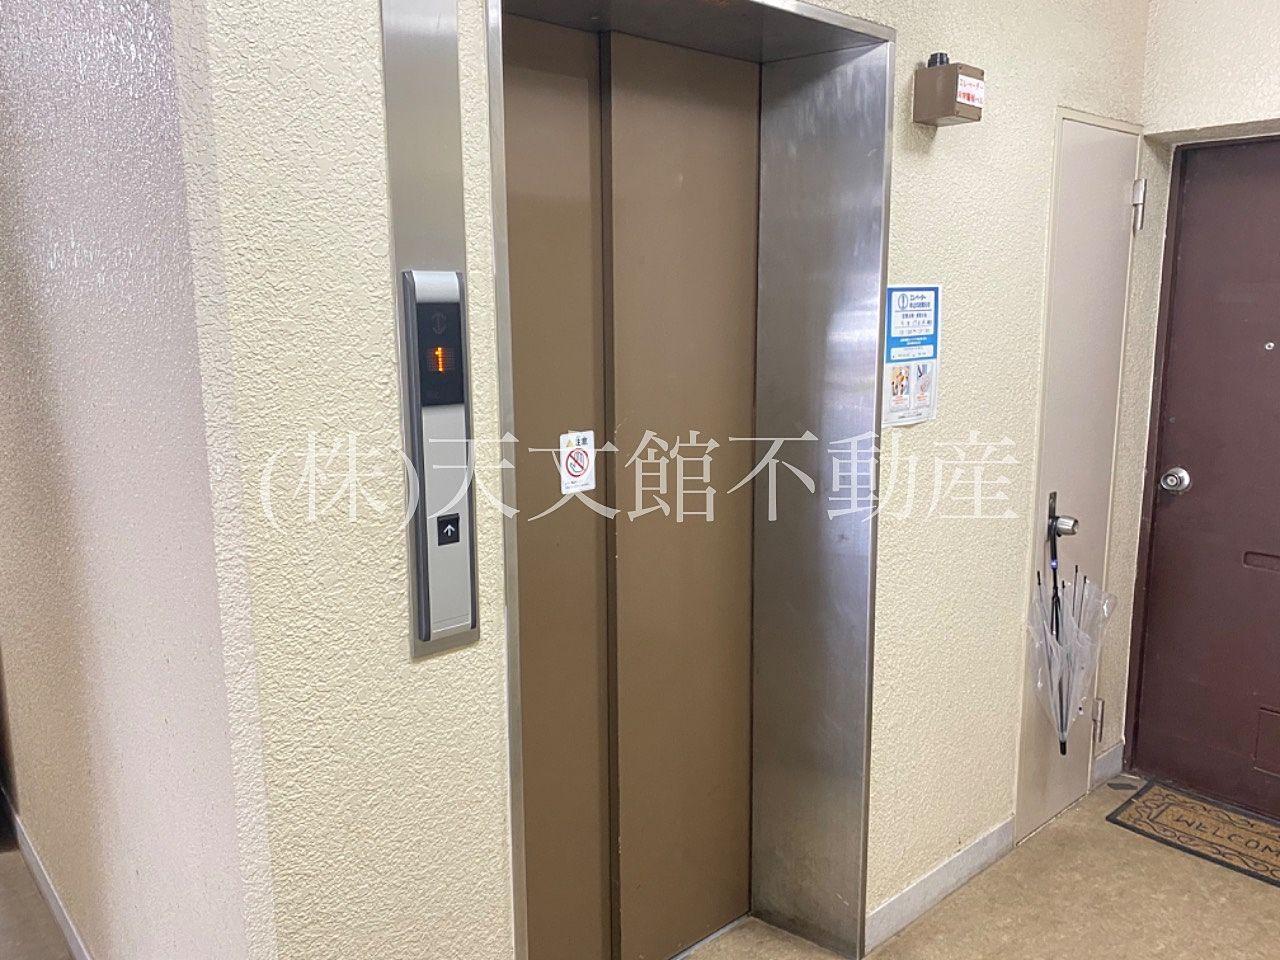 鹿児島市山之口町の中古マンションの皐月マンションはエレベータも付いており上層階でも安心して住めるマンションです。